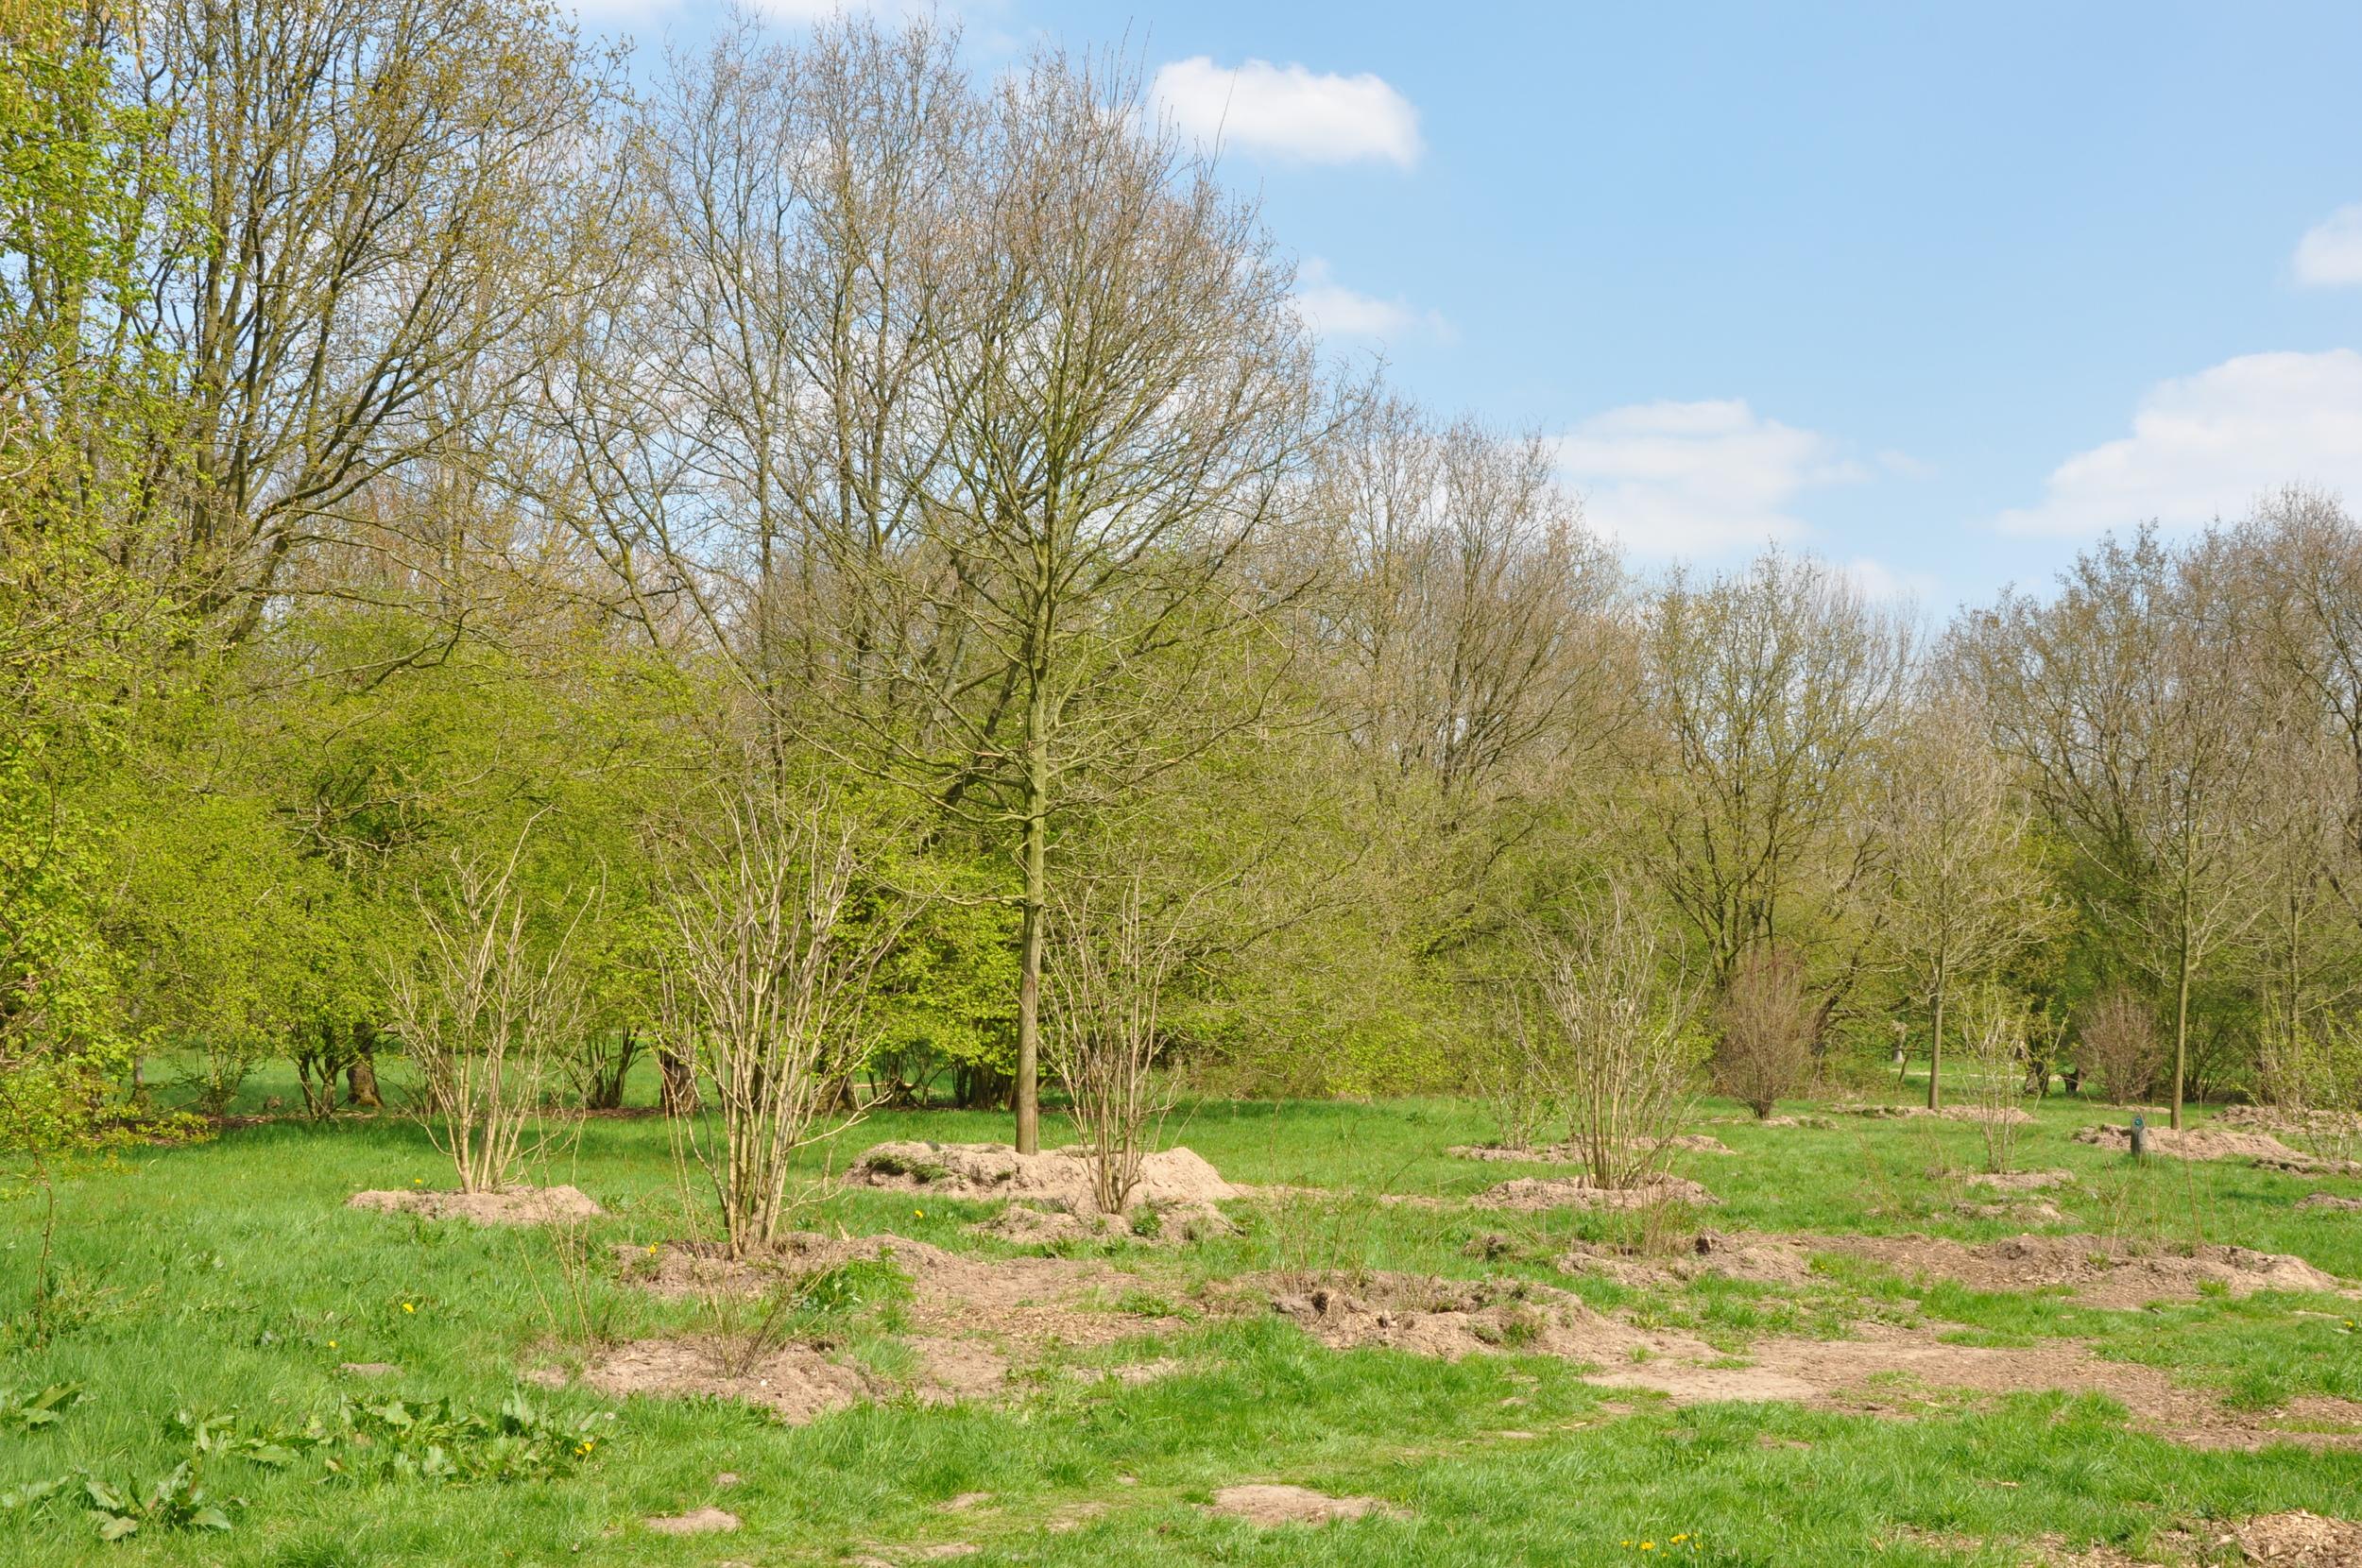 Aanplant volgens IBR - voorjaar 2013 bomen + 6 m hoog en heesters + 2 m hoog